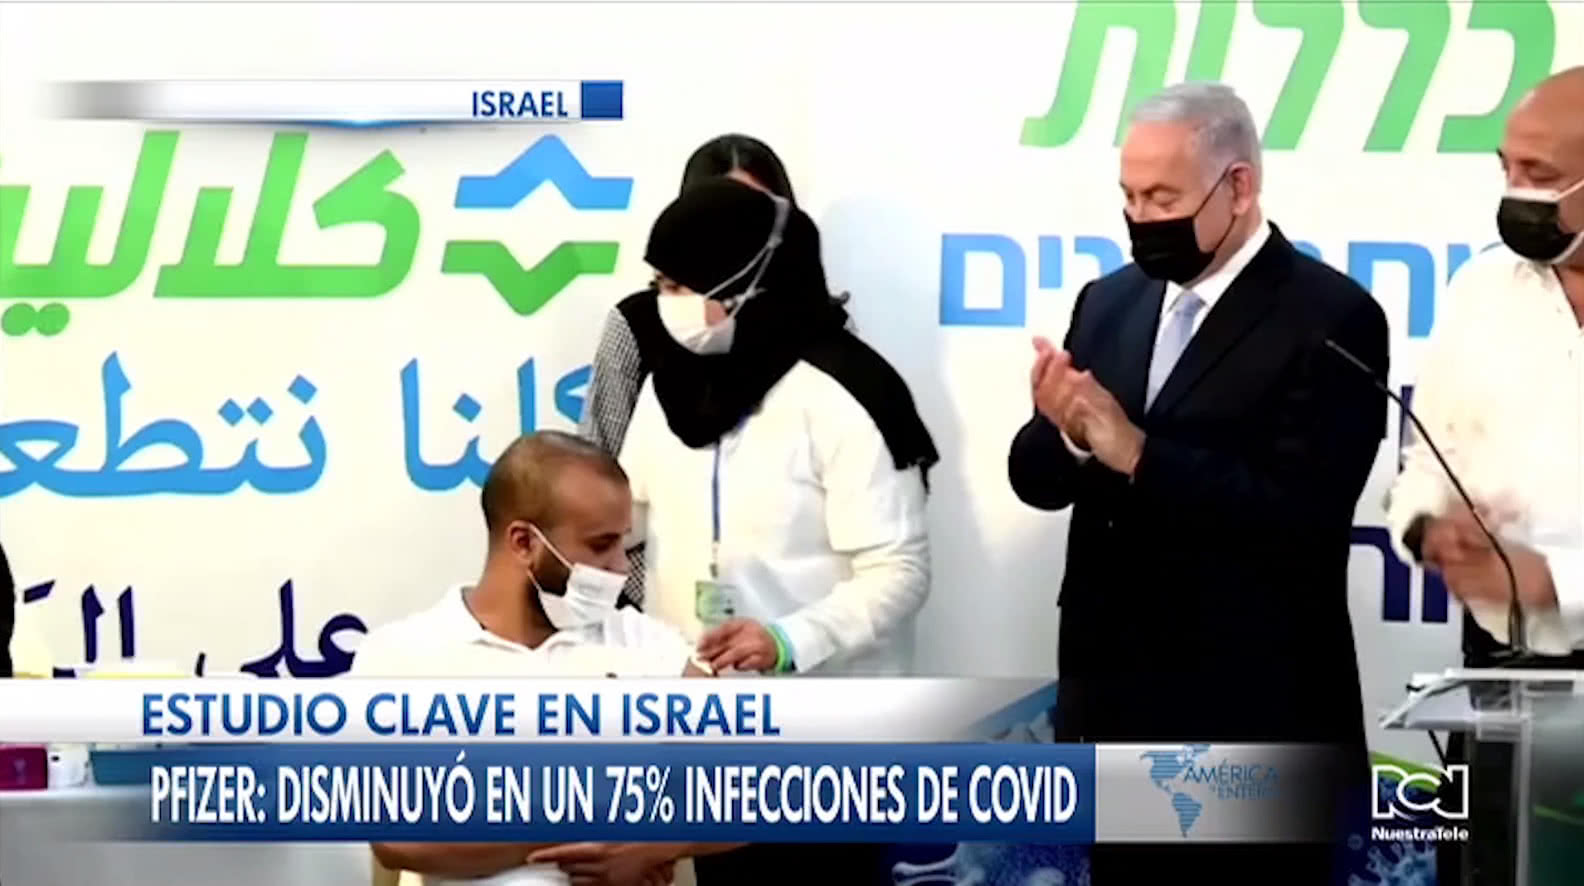 Primera dosis de la vacuna de Pfizer redujo un 75% las infecciones de Covid-19 en Israel